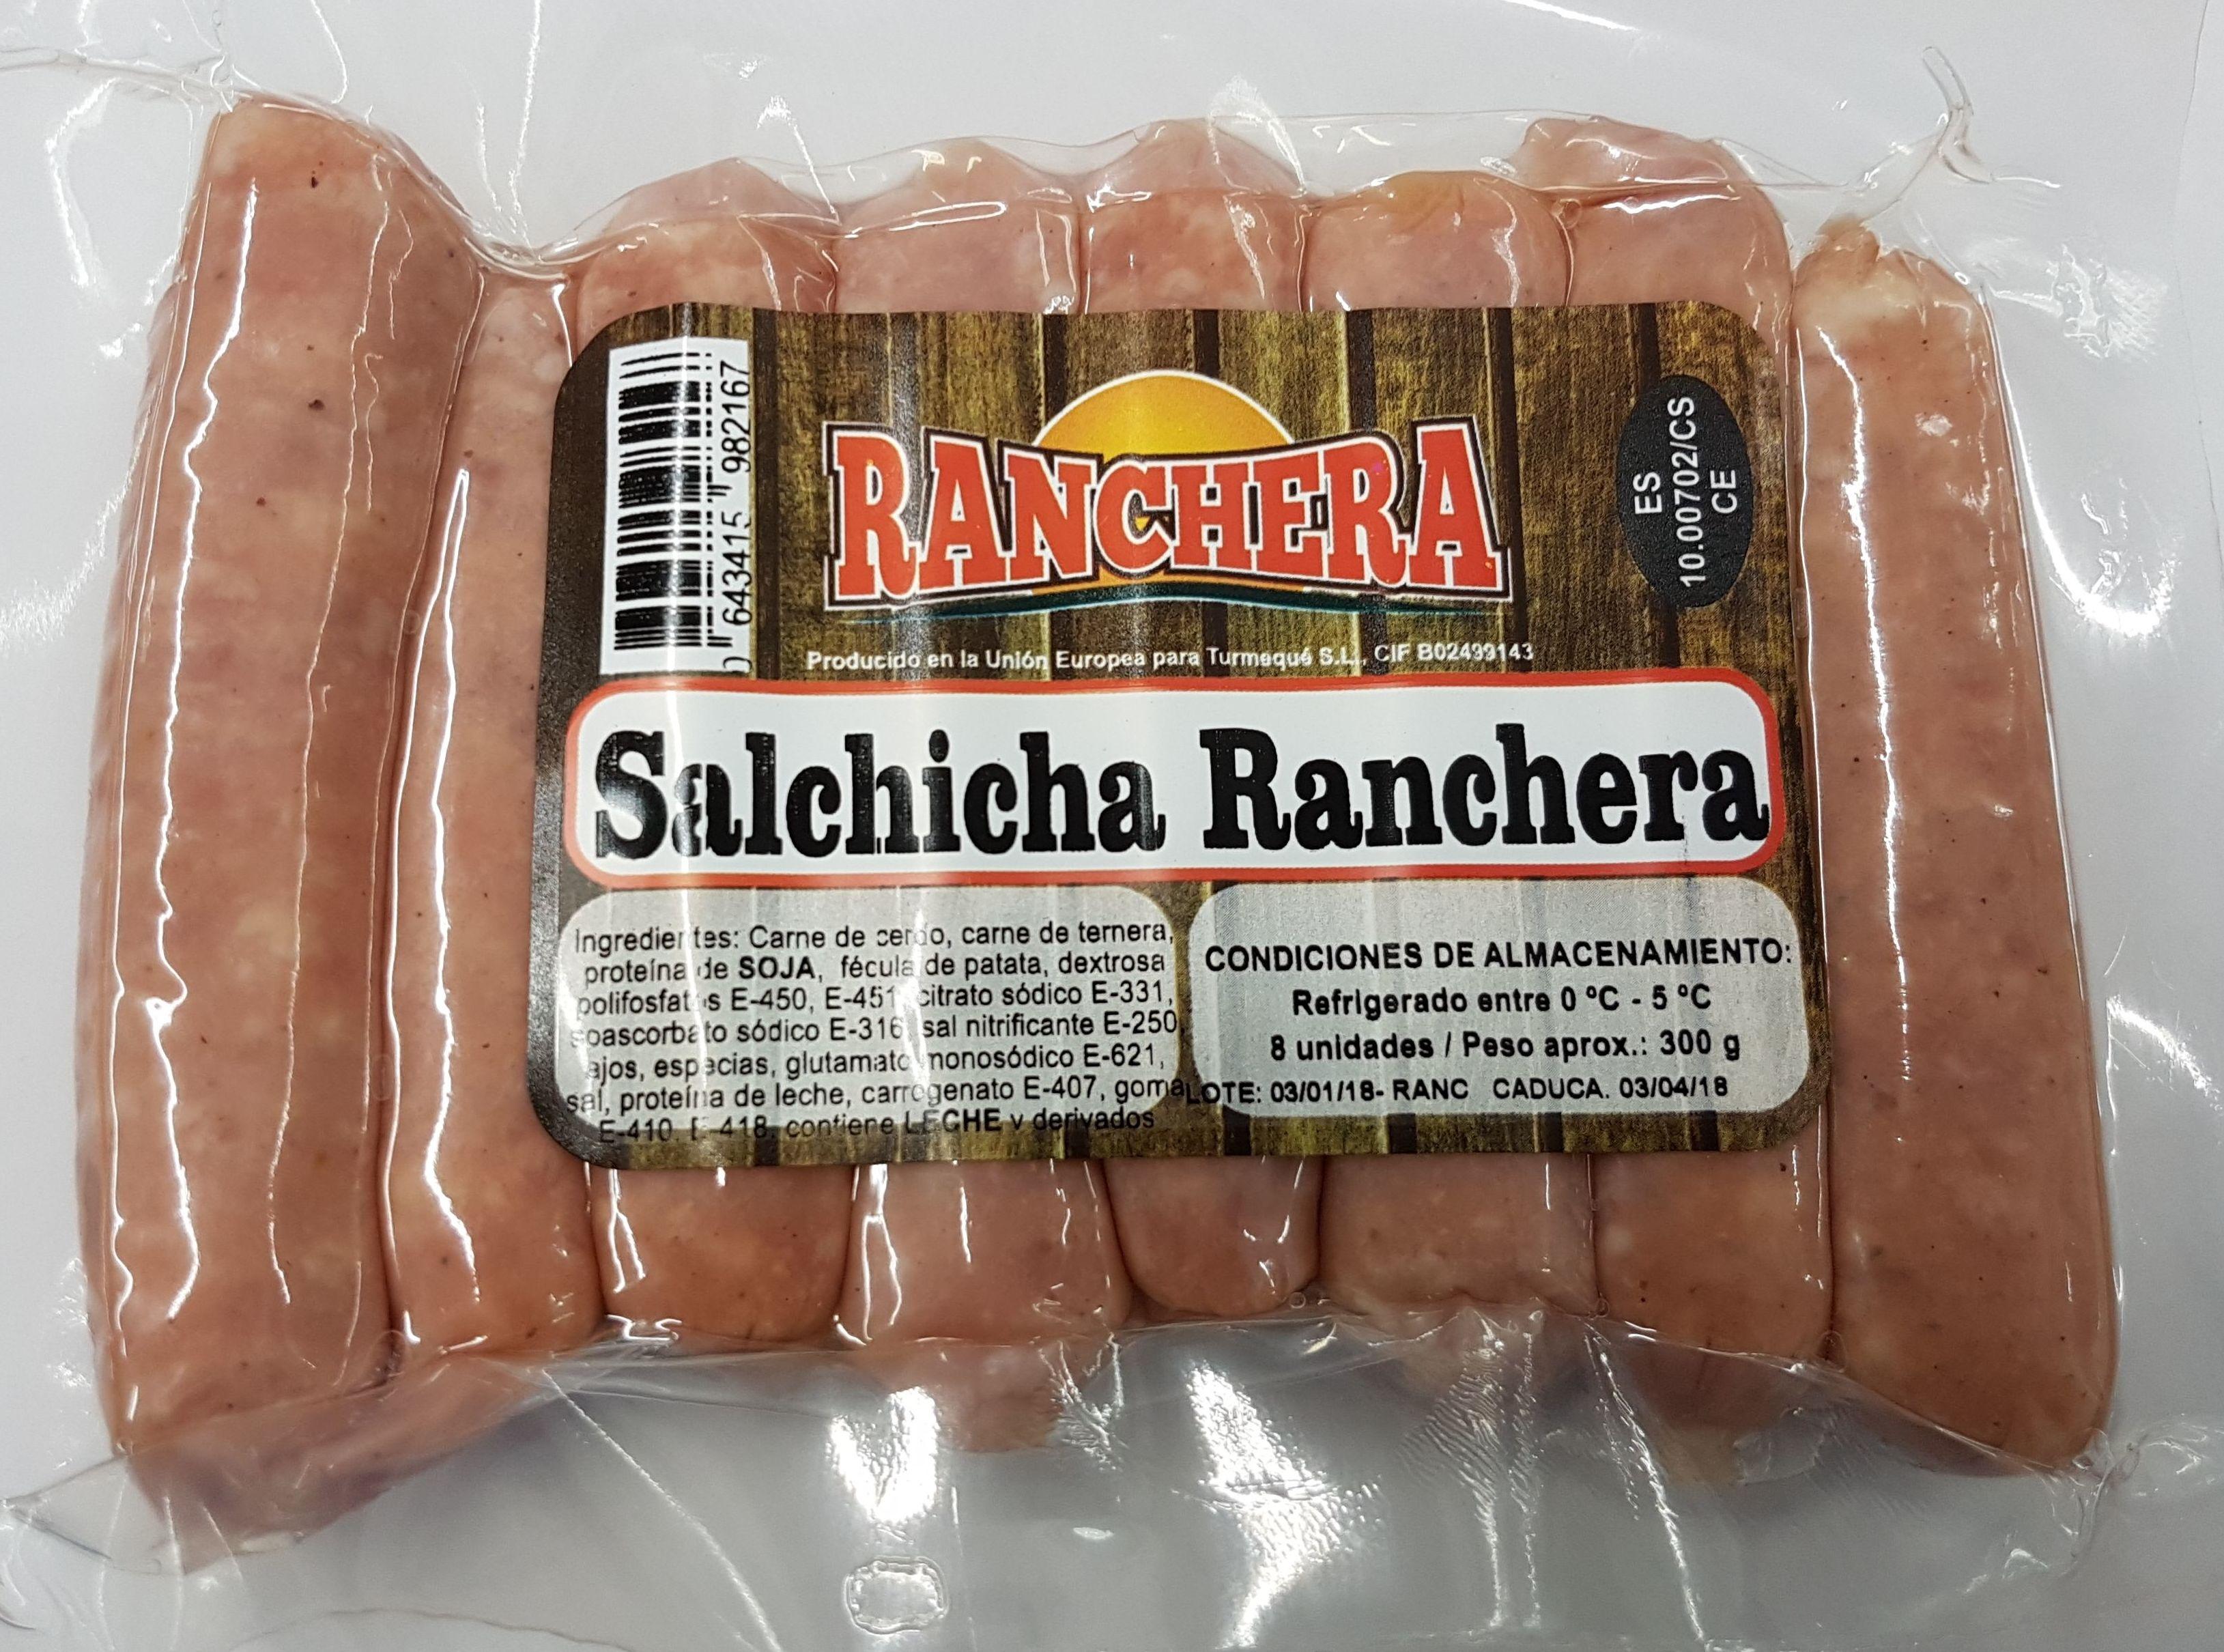 Salchicha Ranchera 8 unidades 300 grs.: PRODUCTOS de La Cabaña 5 continentes